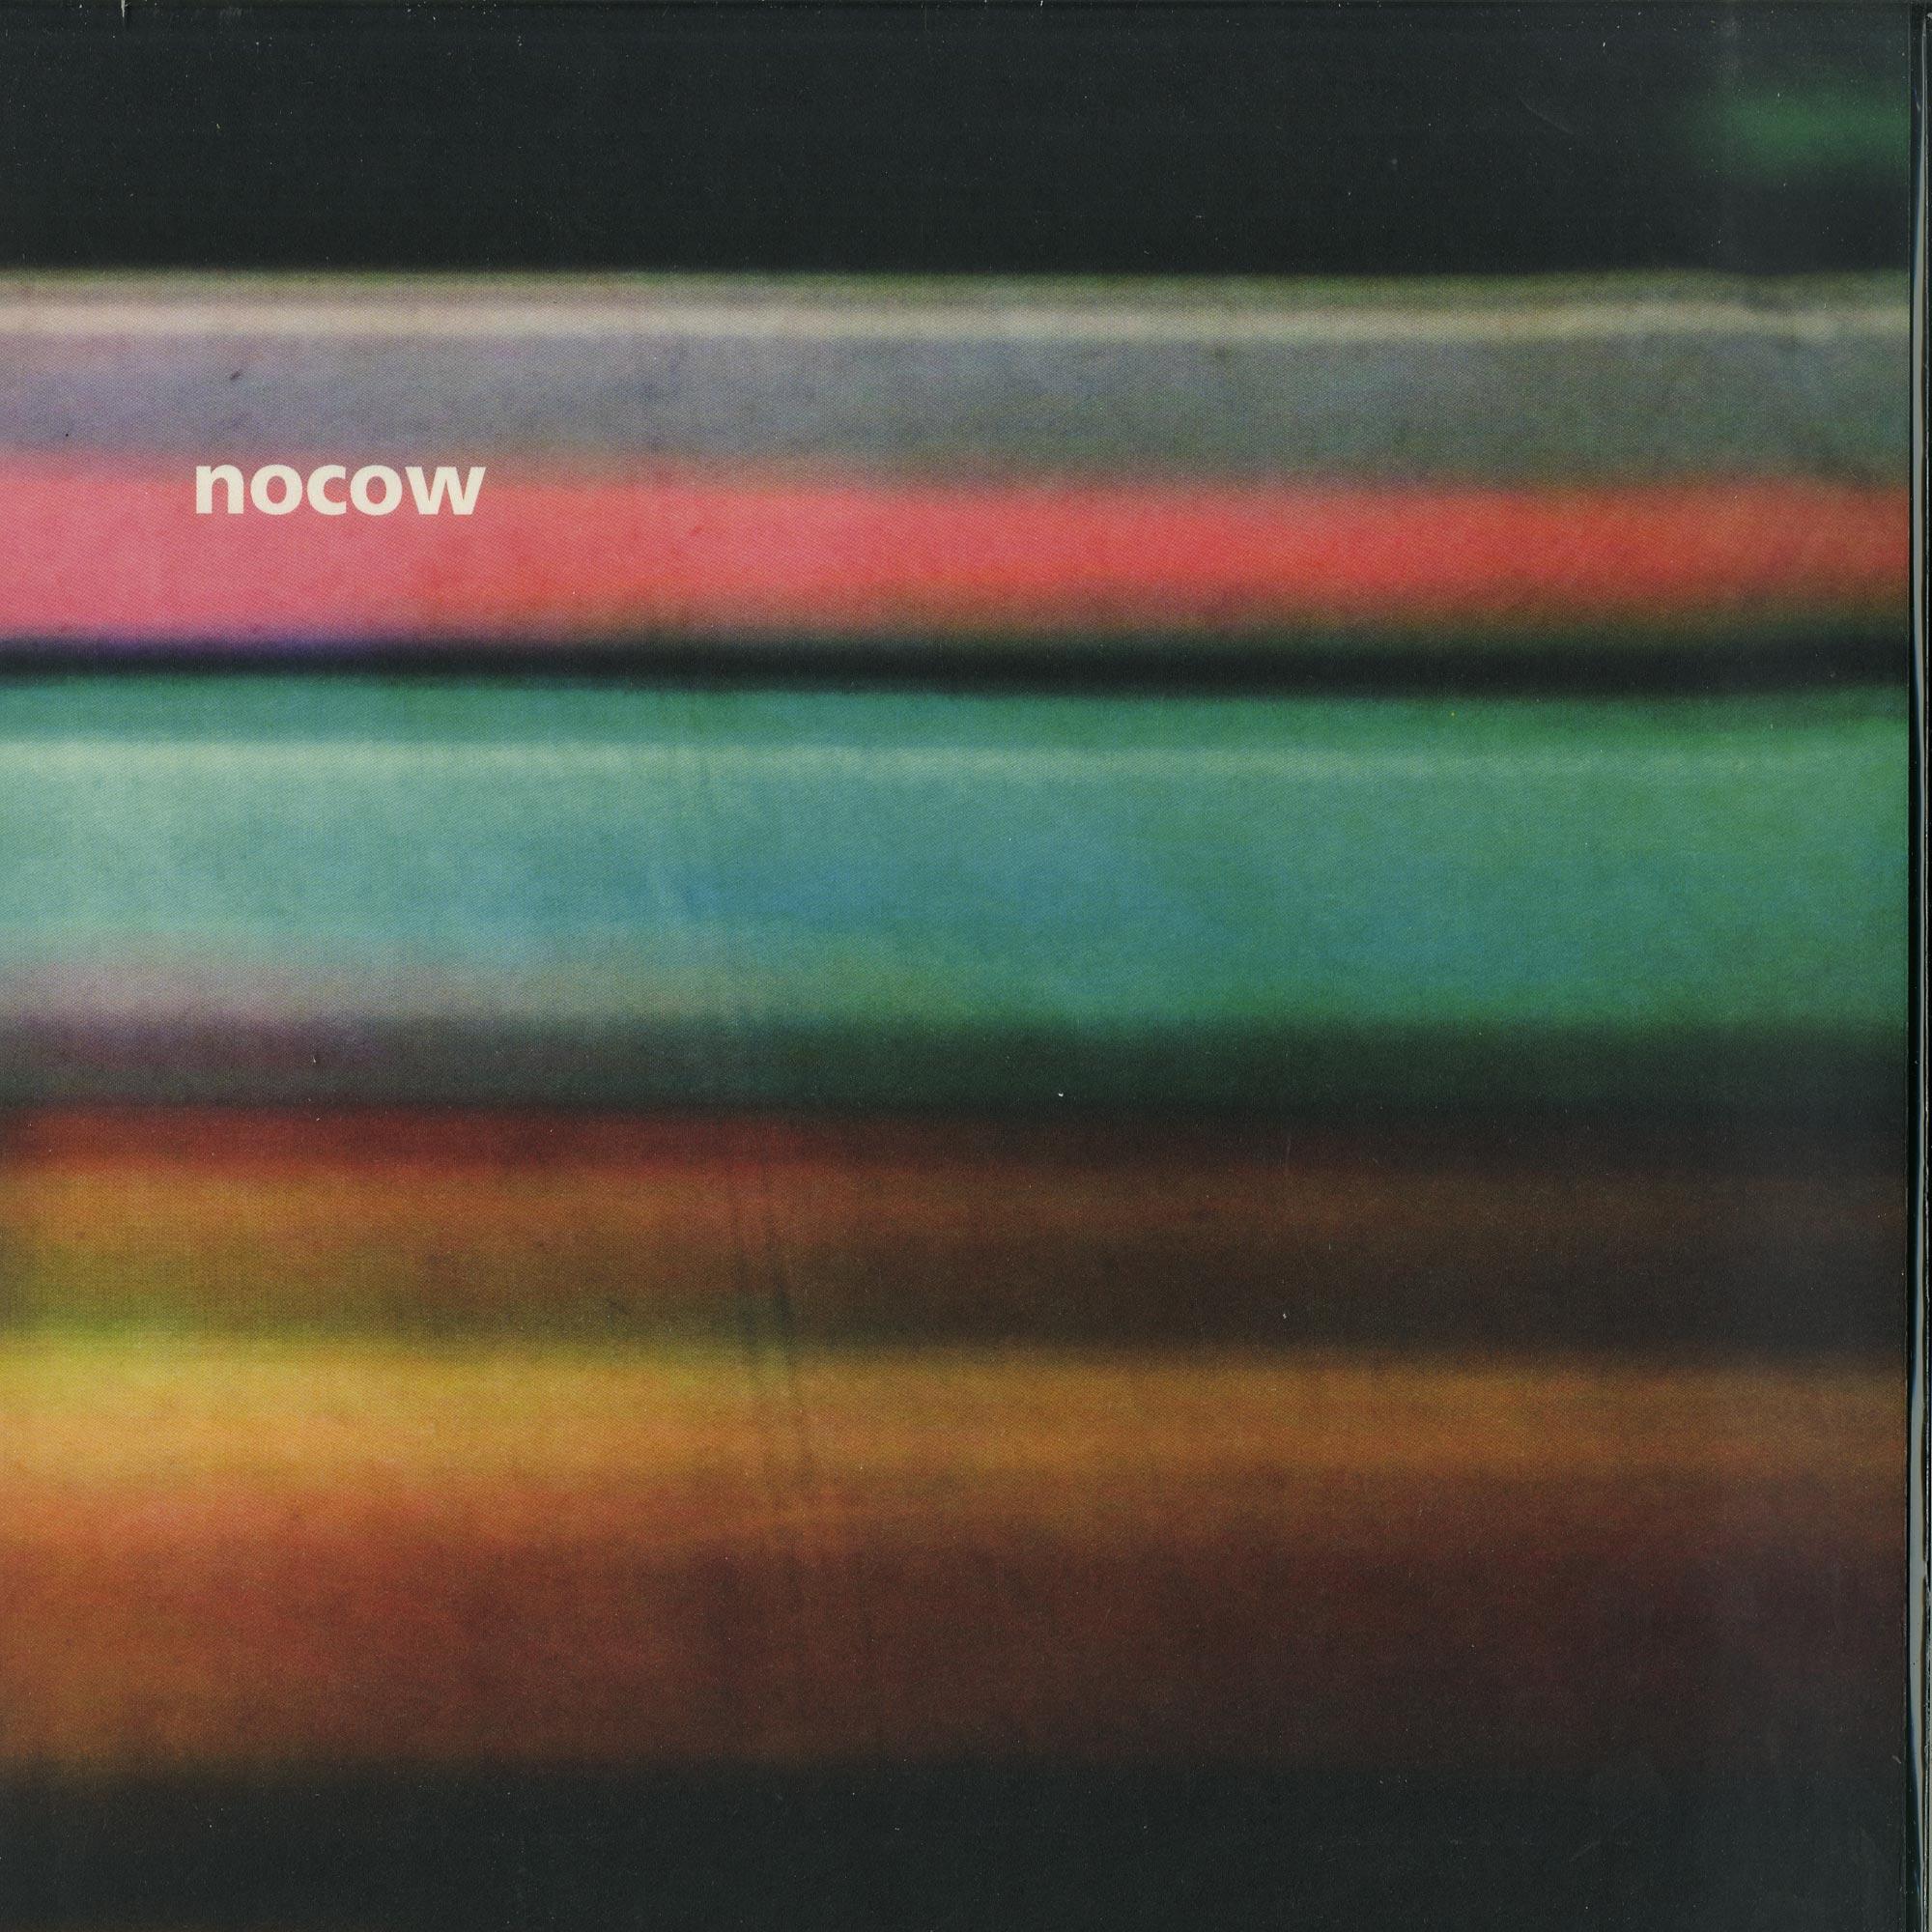 Nocow - VOZDUH